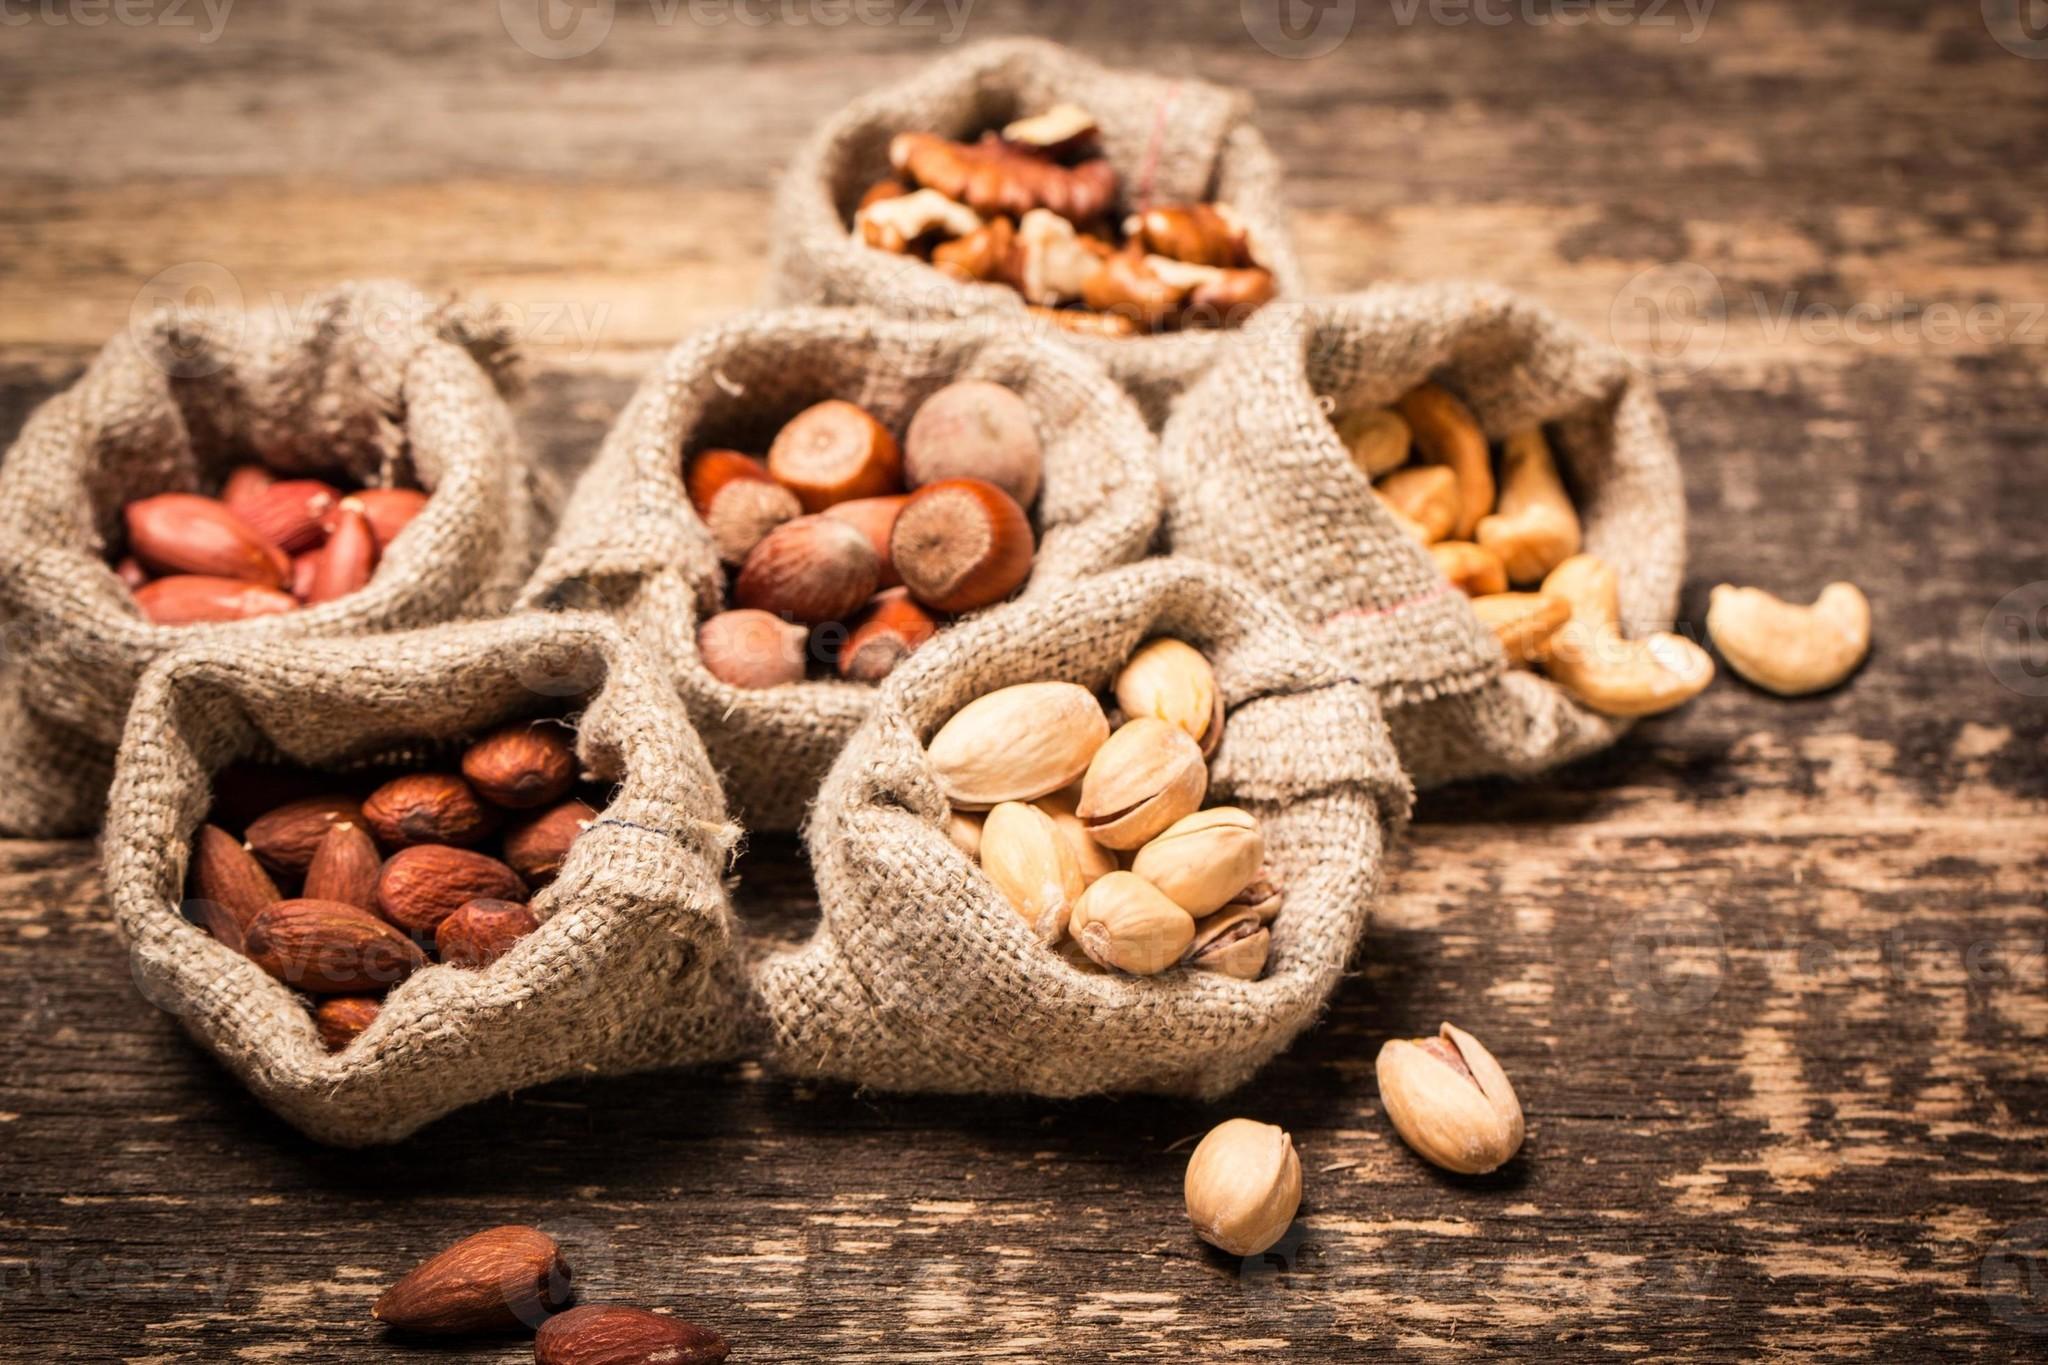 Waarom is het goed om als veganist noten te eten?